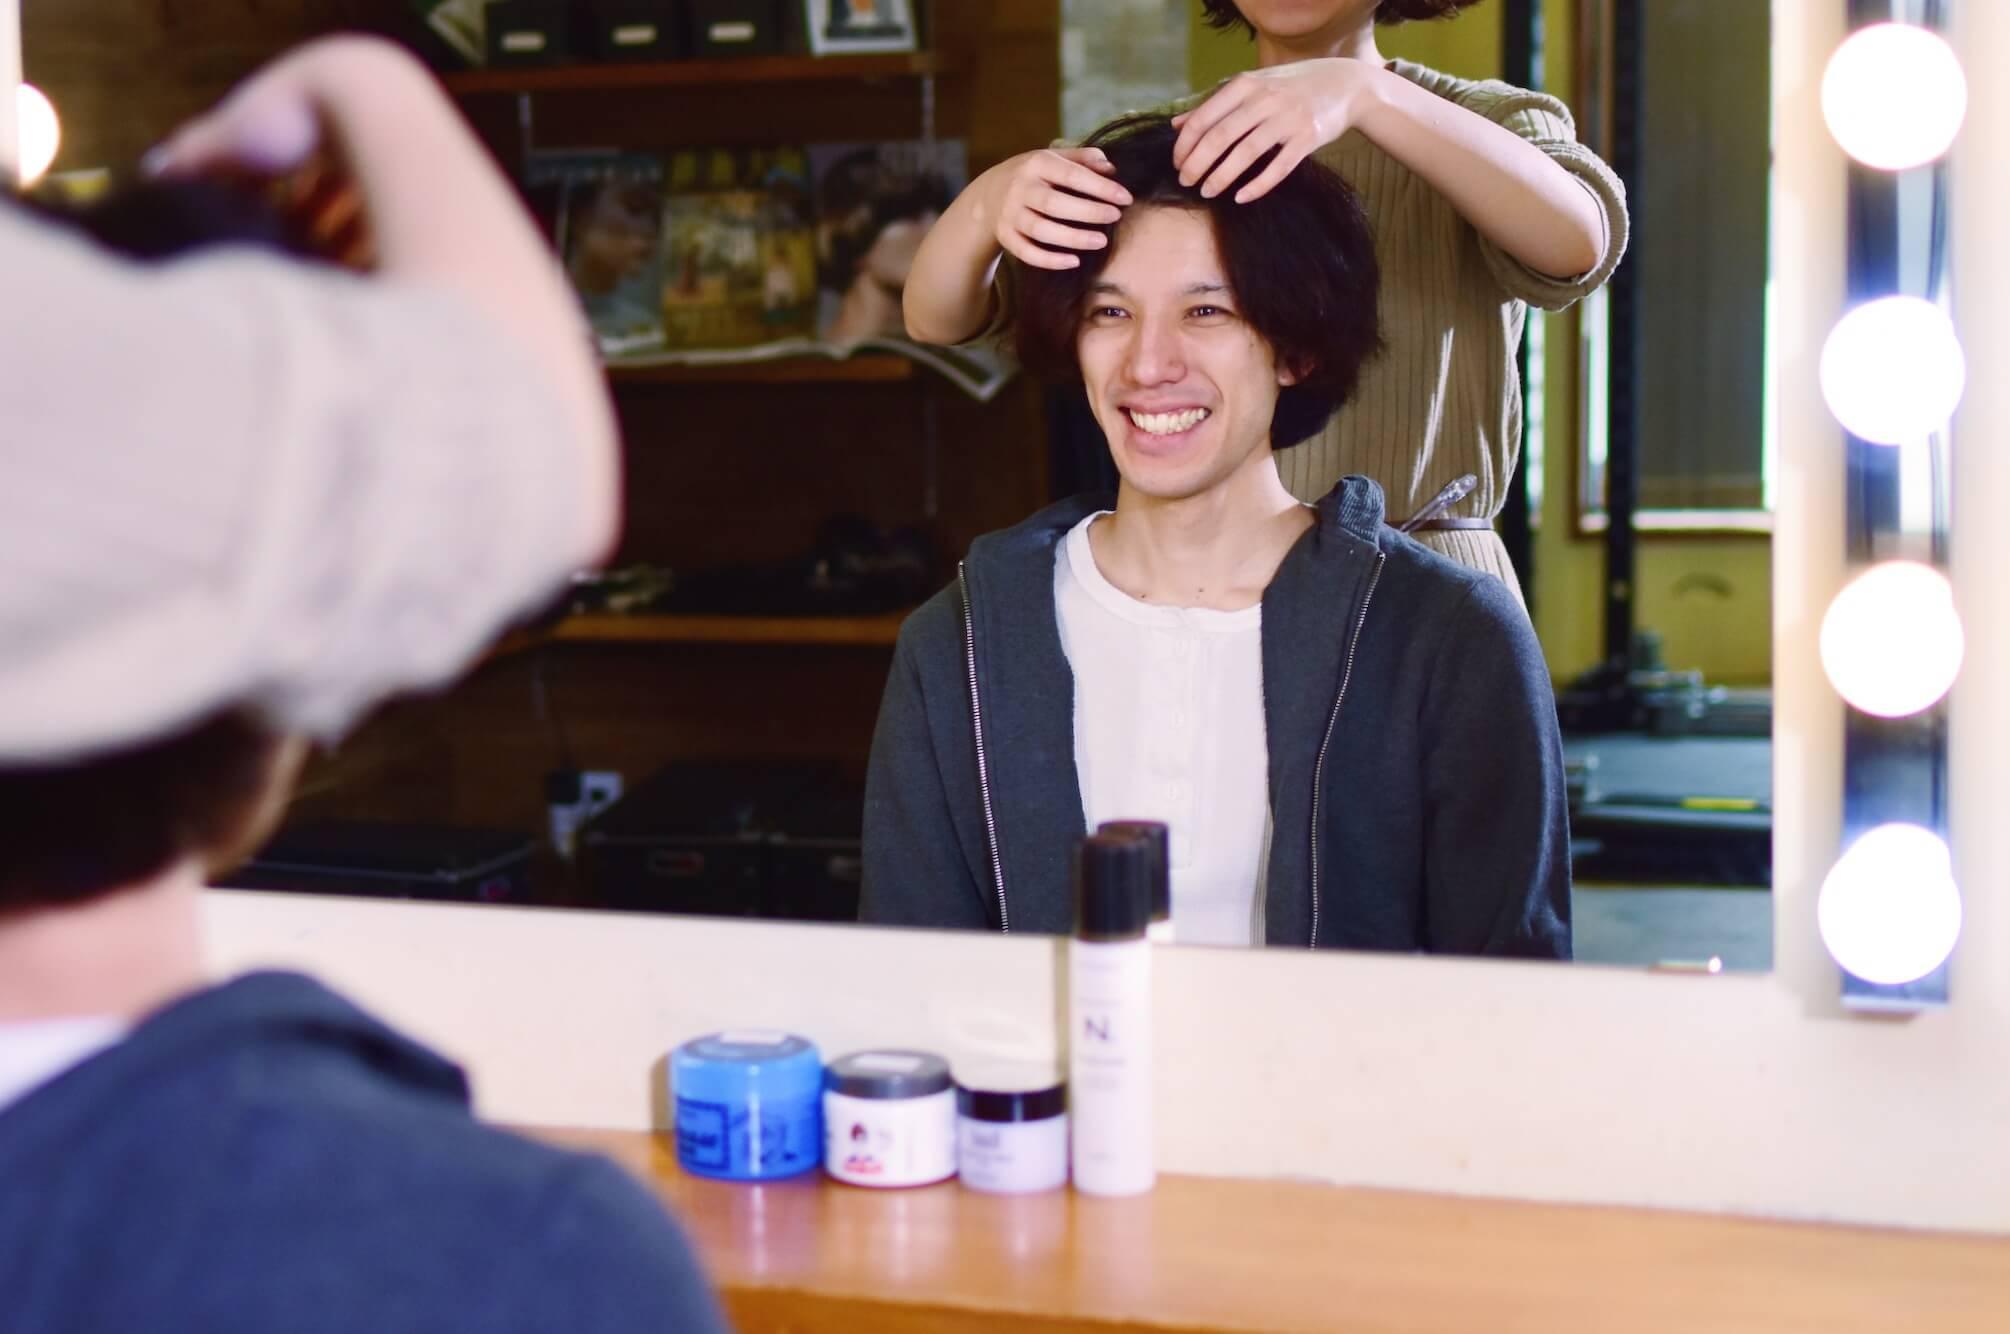 男は素顔が勝負。素顔を磨くメンズヘアメイクセッション - スキンケアや眉毛カット、自分の顔型に似合うヘアセットの方法、さらにビジネスやアウトドアなどシーン別のバリエーションなど、第一印象で好感持たれる術を学びます。清潔感とオーラが手に入ります。